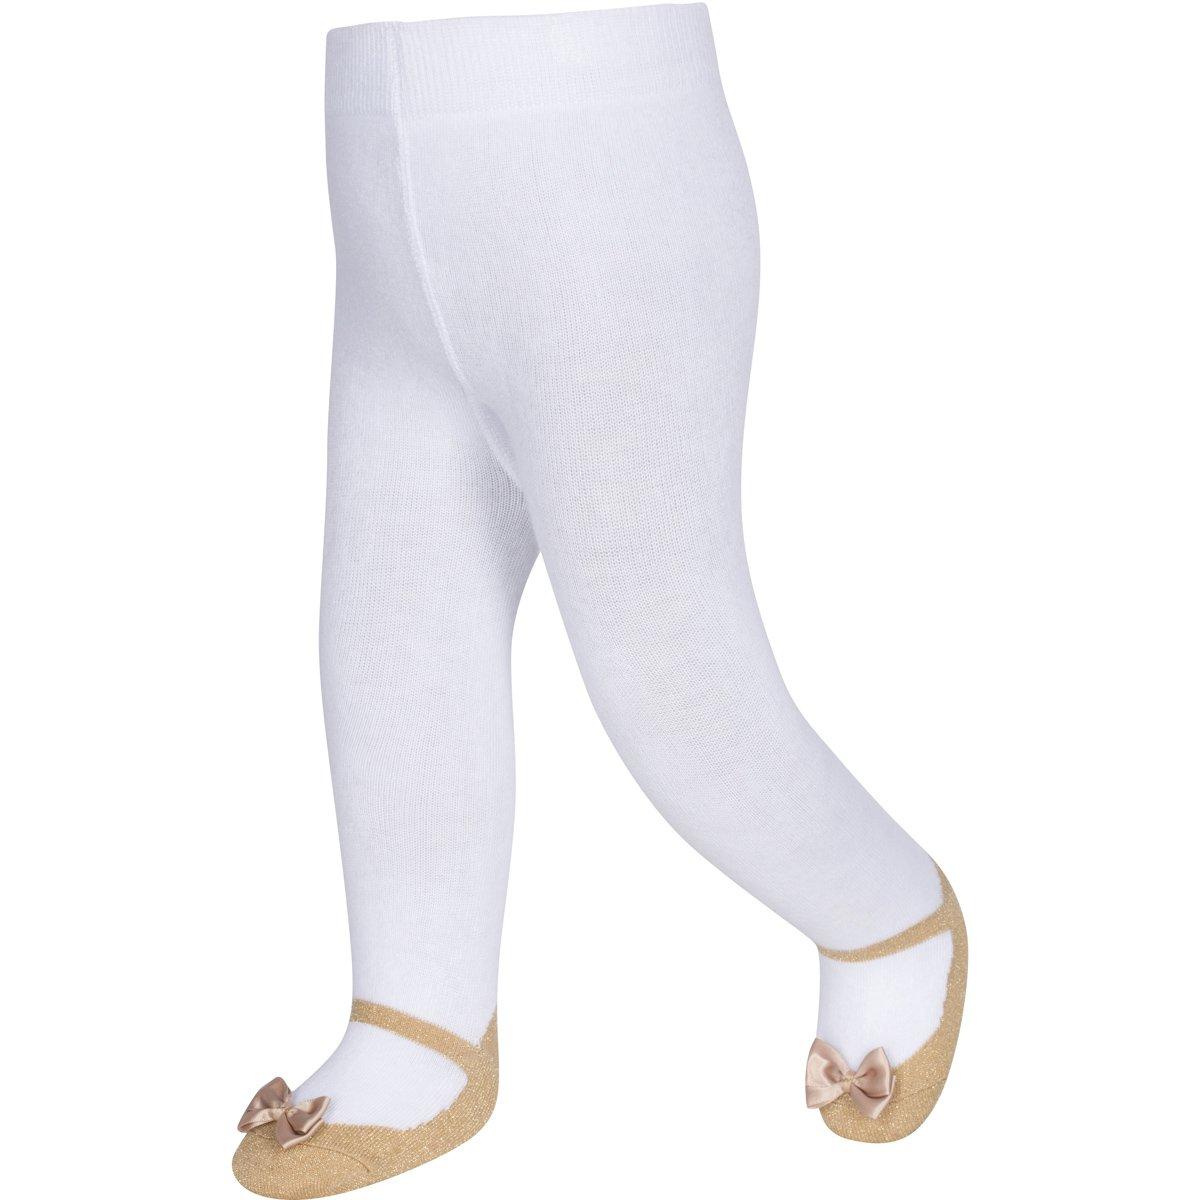 高品質の激安 Baby emporio-babyガールズSparkle tights-shoe look-satinフロントbows-antiスリップ S Gold Gold S Sparkle tights-shoe B01I8NMCTW, 小牛田町:905fc4b5 --- ciadaterra.com